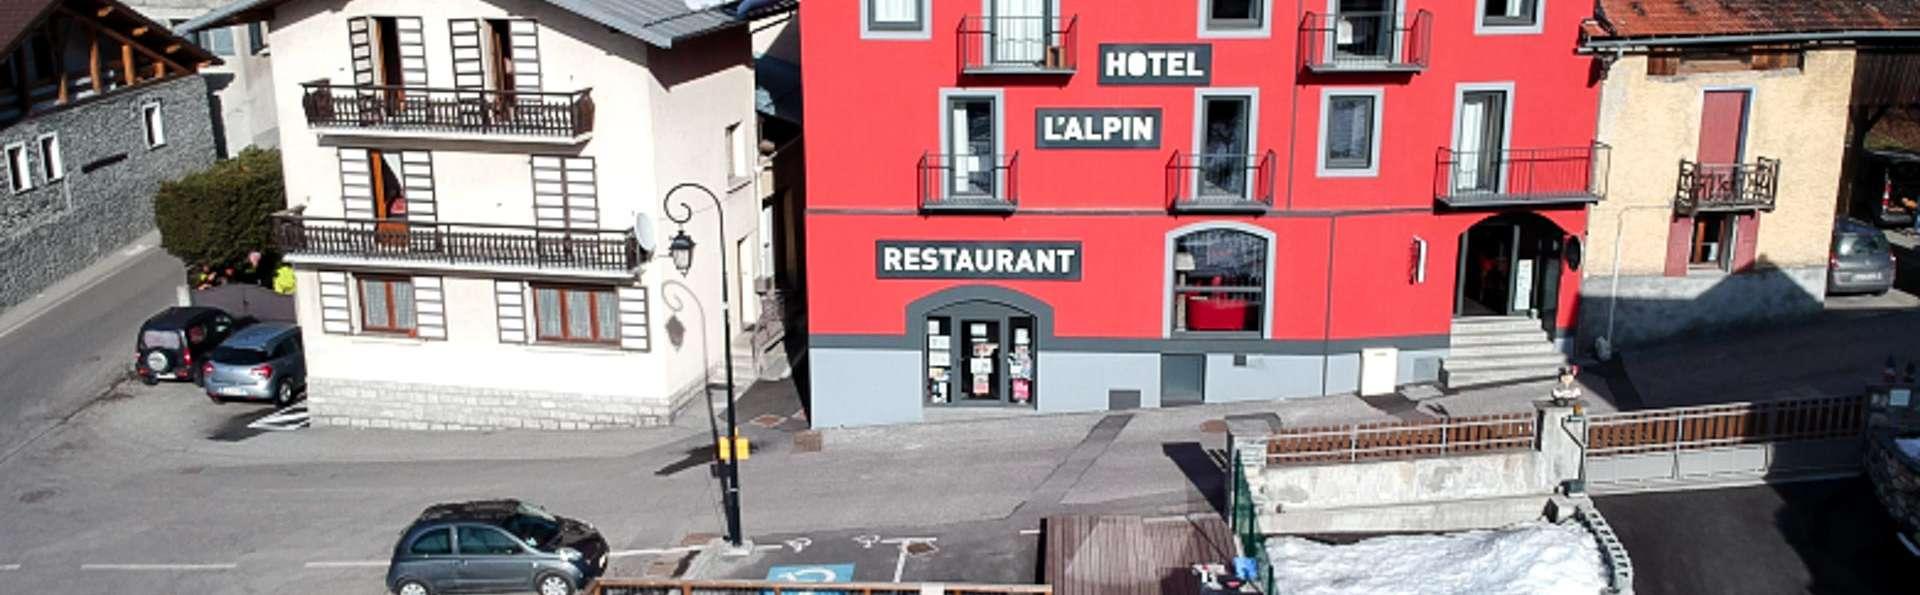 Hôtel L'Alpin - EDIT_FRONT_03.jpg